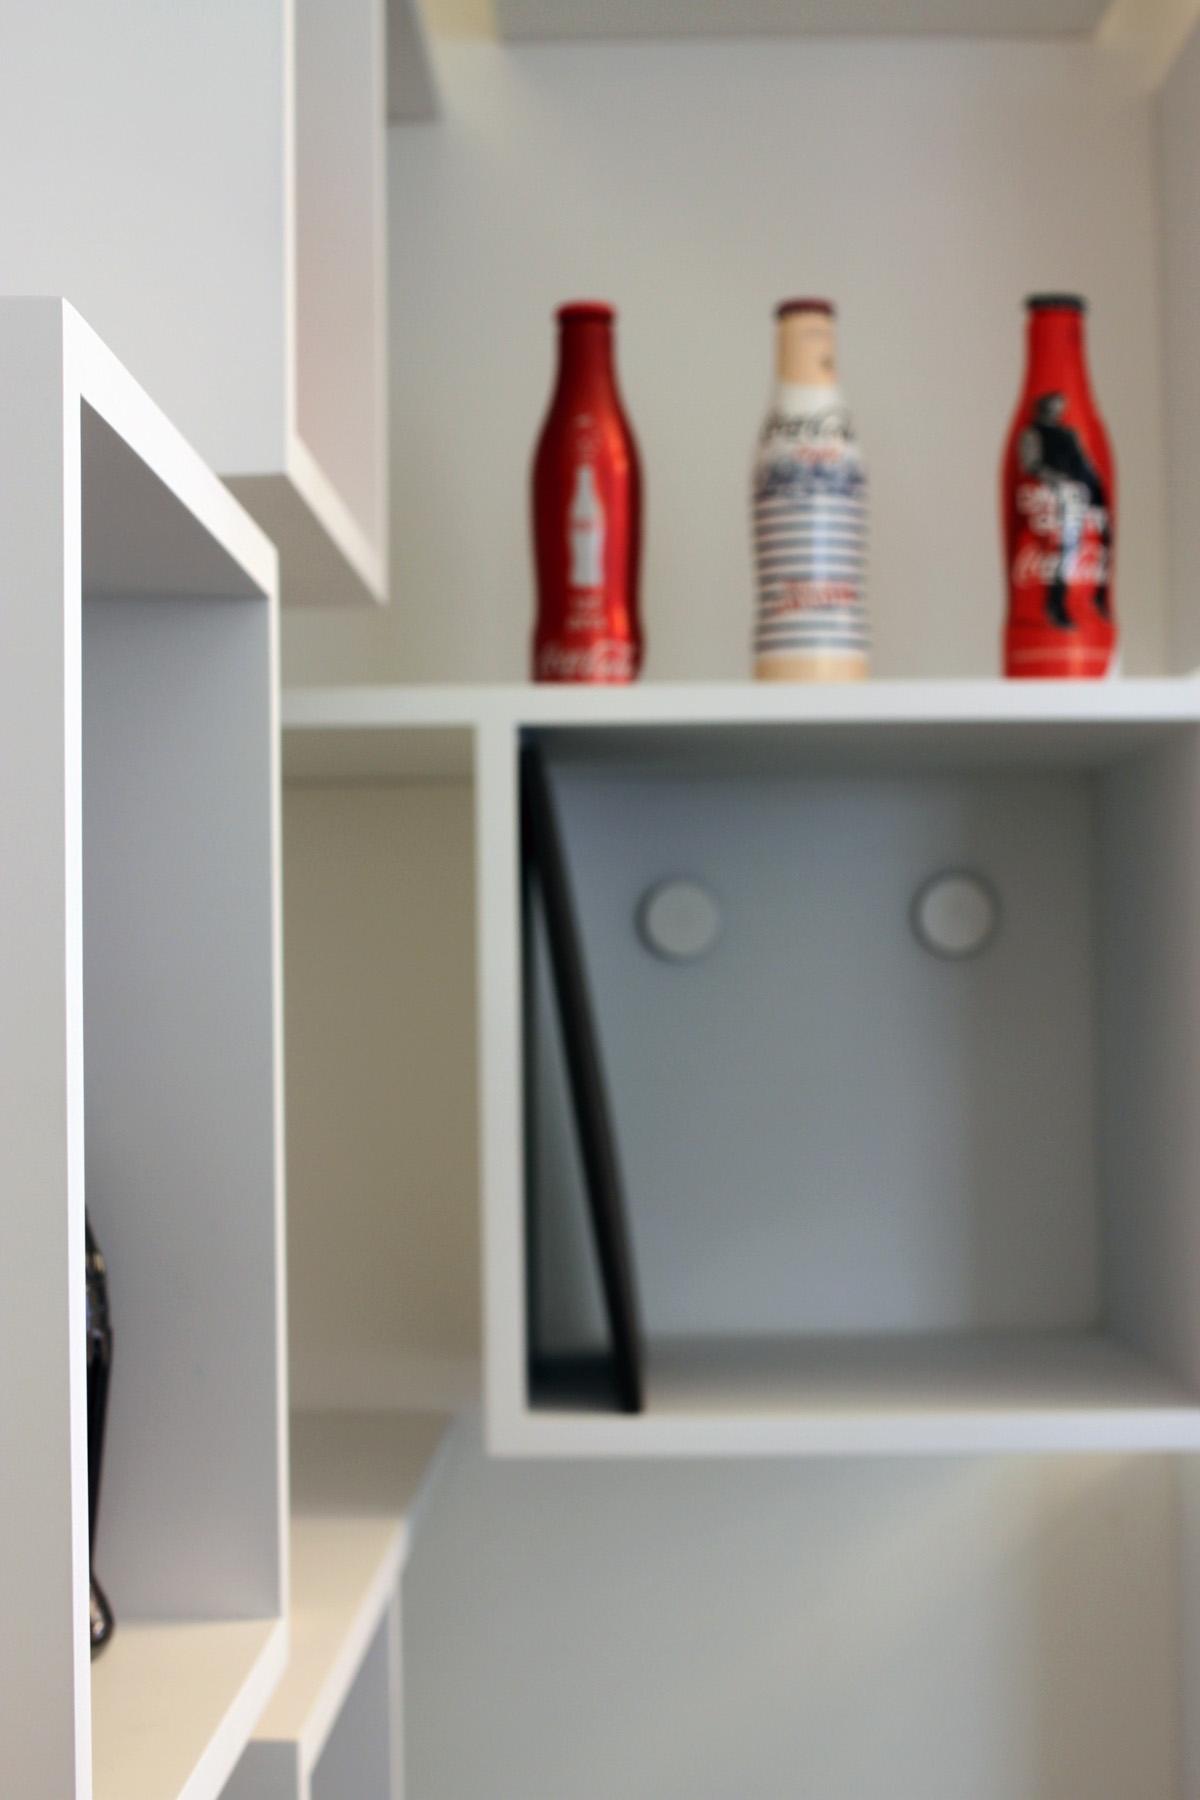 Media-tech5 AEGIS MEDIA bibliothèque Mobilier cubes blanc bureau Jadot design sur-mesure Agence MAJOTIK